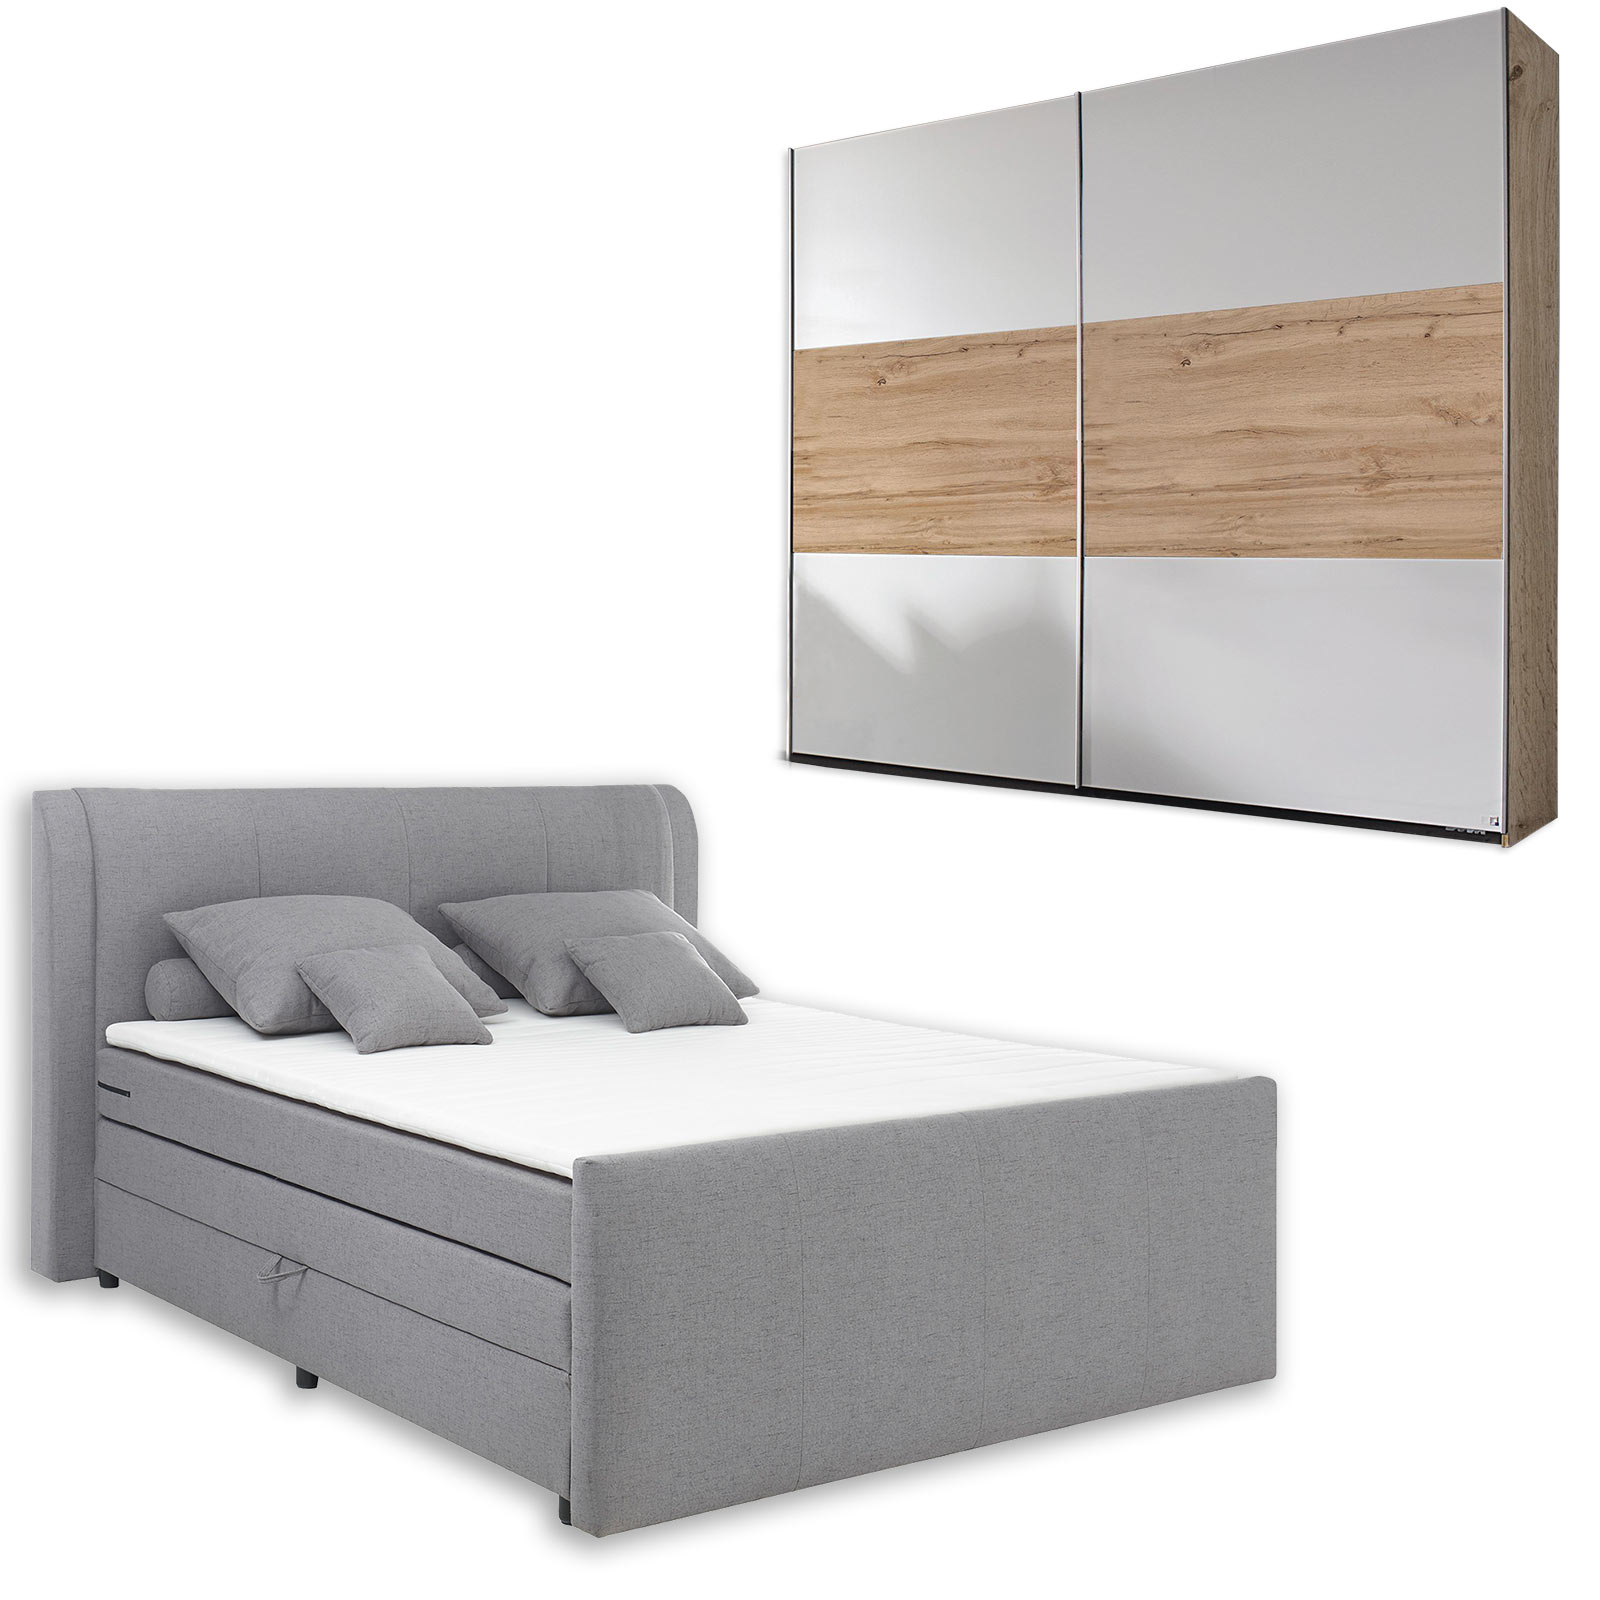 15-teiliges Schlafzimmer-Set alpinweiß-Eiche-Wotan - 15x1500 cm